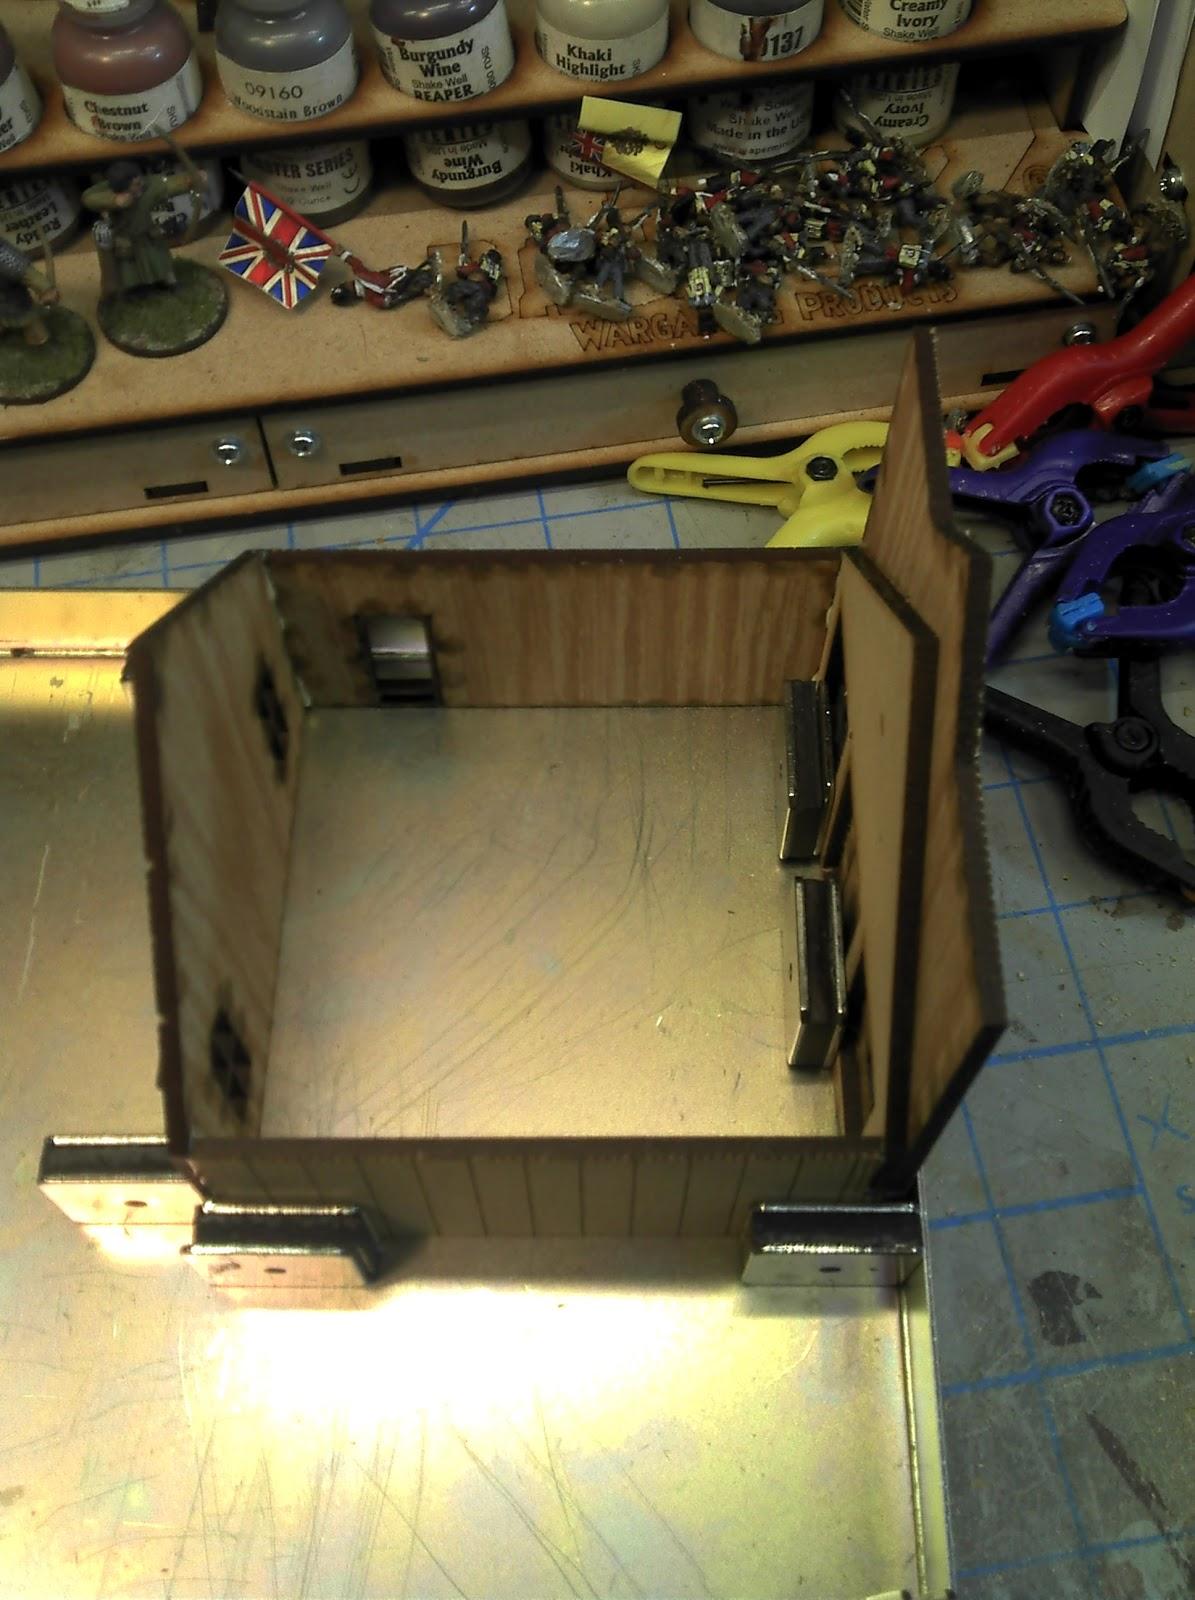 http://2.bp.blogspot.com/-Awh-o-gyhIs/ULkre74DIVI/AAAAAAAAExs/pgEqYcWndqQ/s1600/GCM.28MWEST006.Wall+Assembly.1.jpg